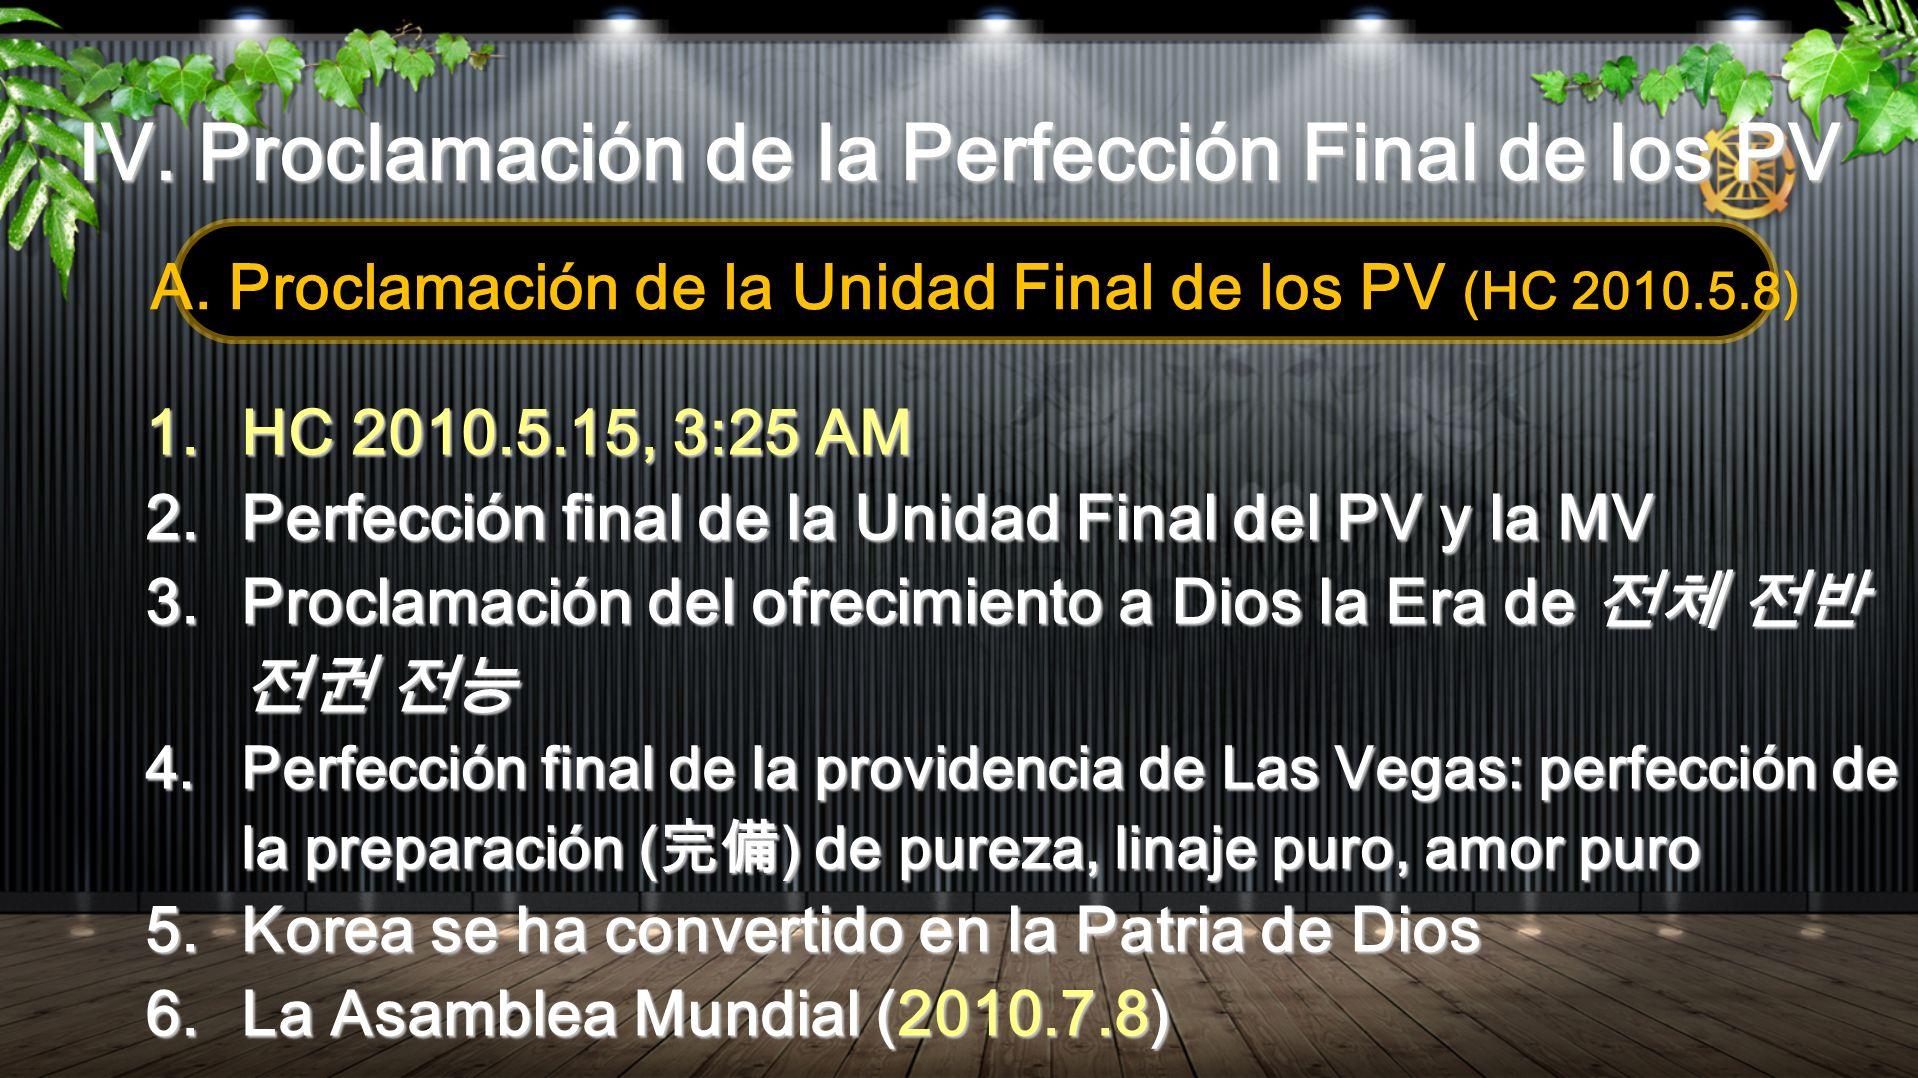 IV. Proclamación de la Perfección Final de los PV